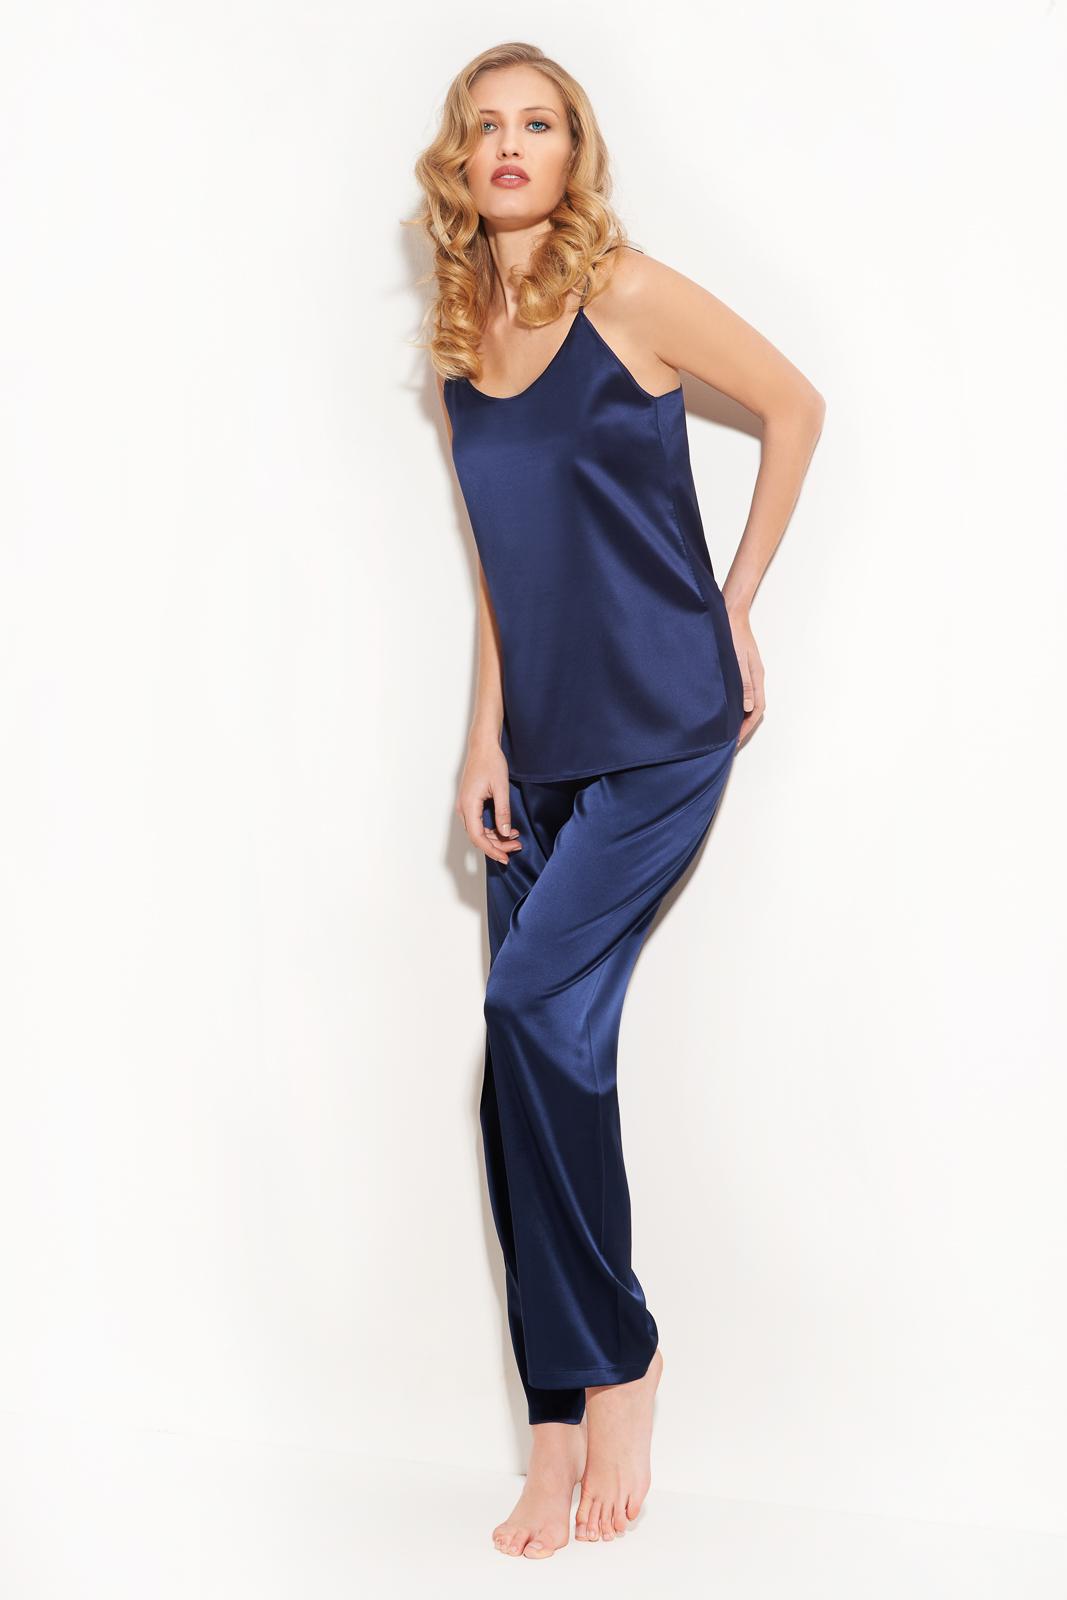 Giada-Lingerie-Silk-S19-Collection-4